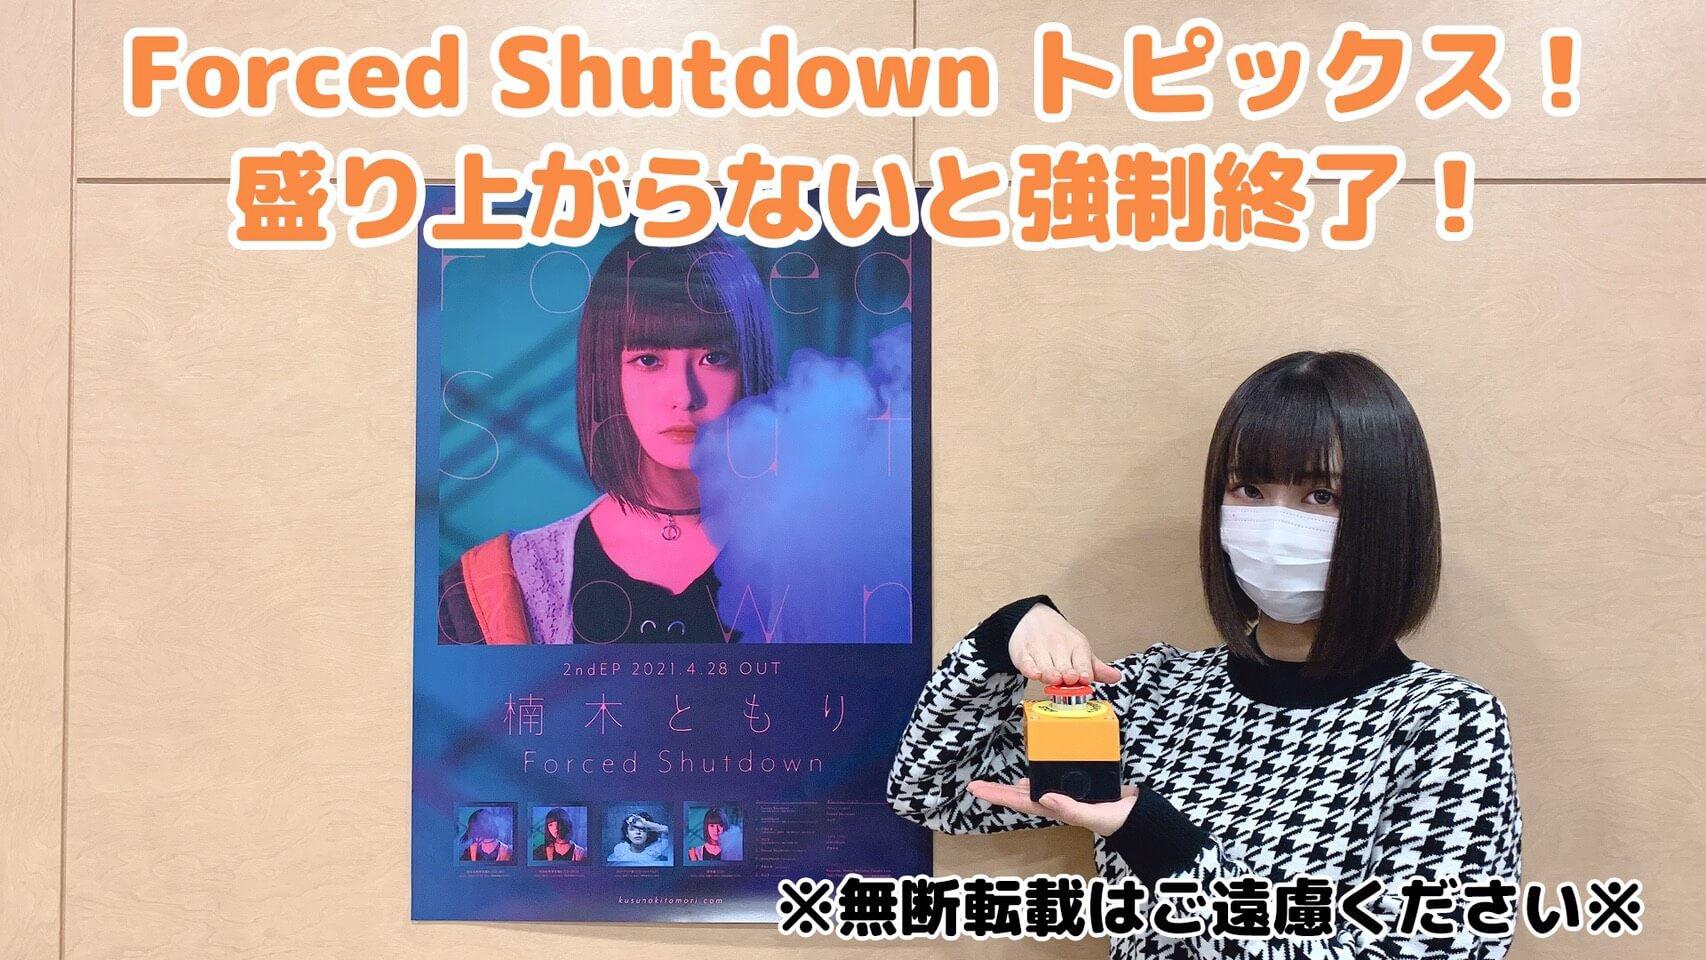 【楠木ともりThe Music Reverie】Forced Shutdown トピックス!盛り上がらないと強制終了!